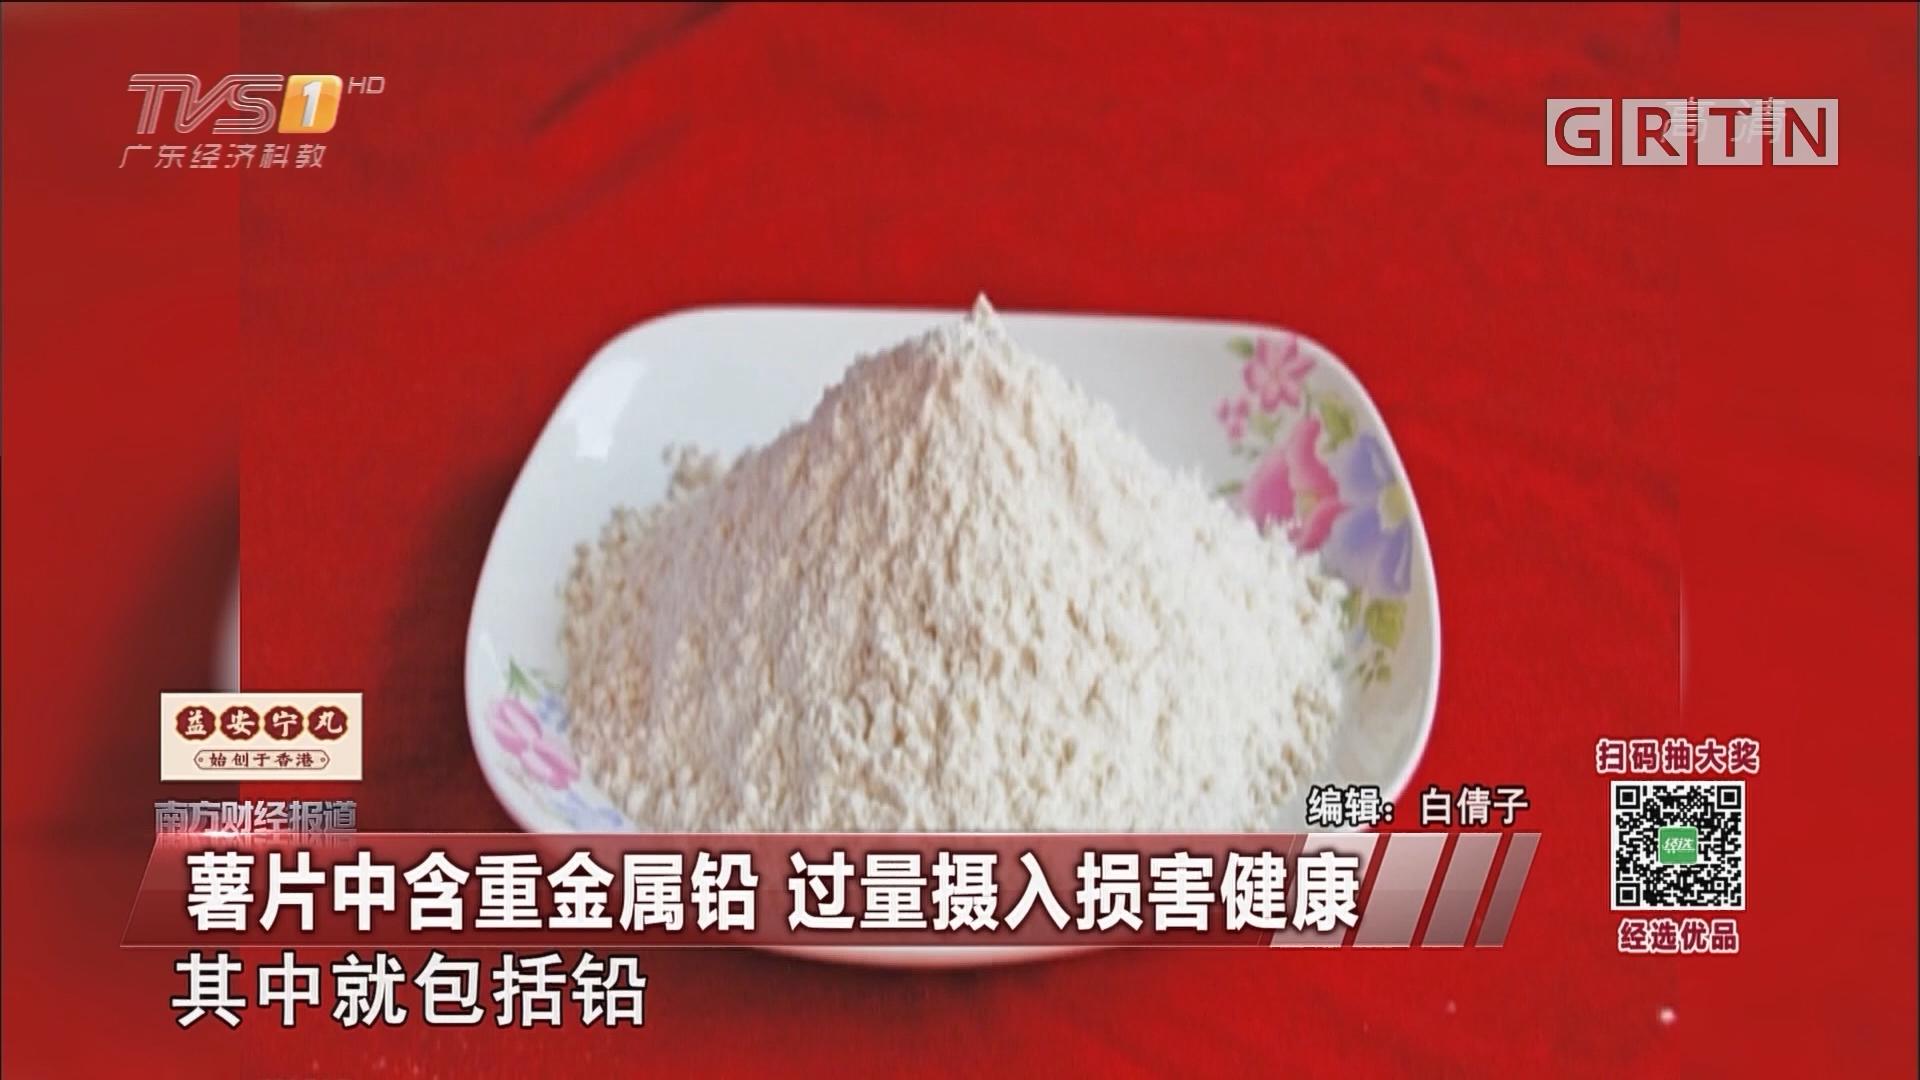 薯片中含重金属铅 过量摄入损害健康